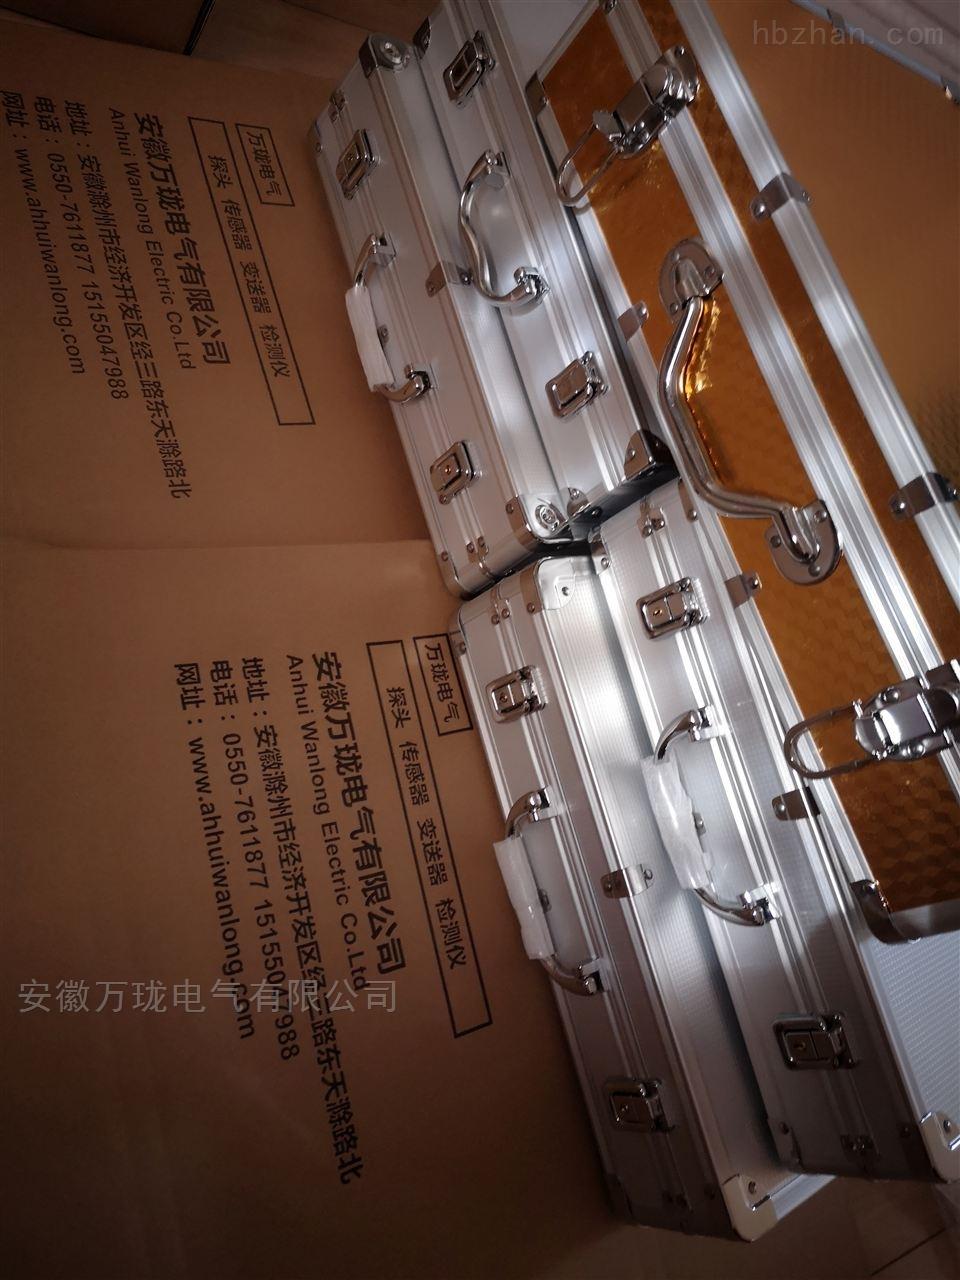 振动探头5MM-PCZ9200-TR-V-04-00-00-V